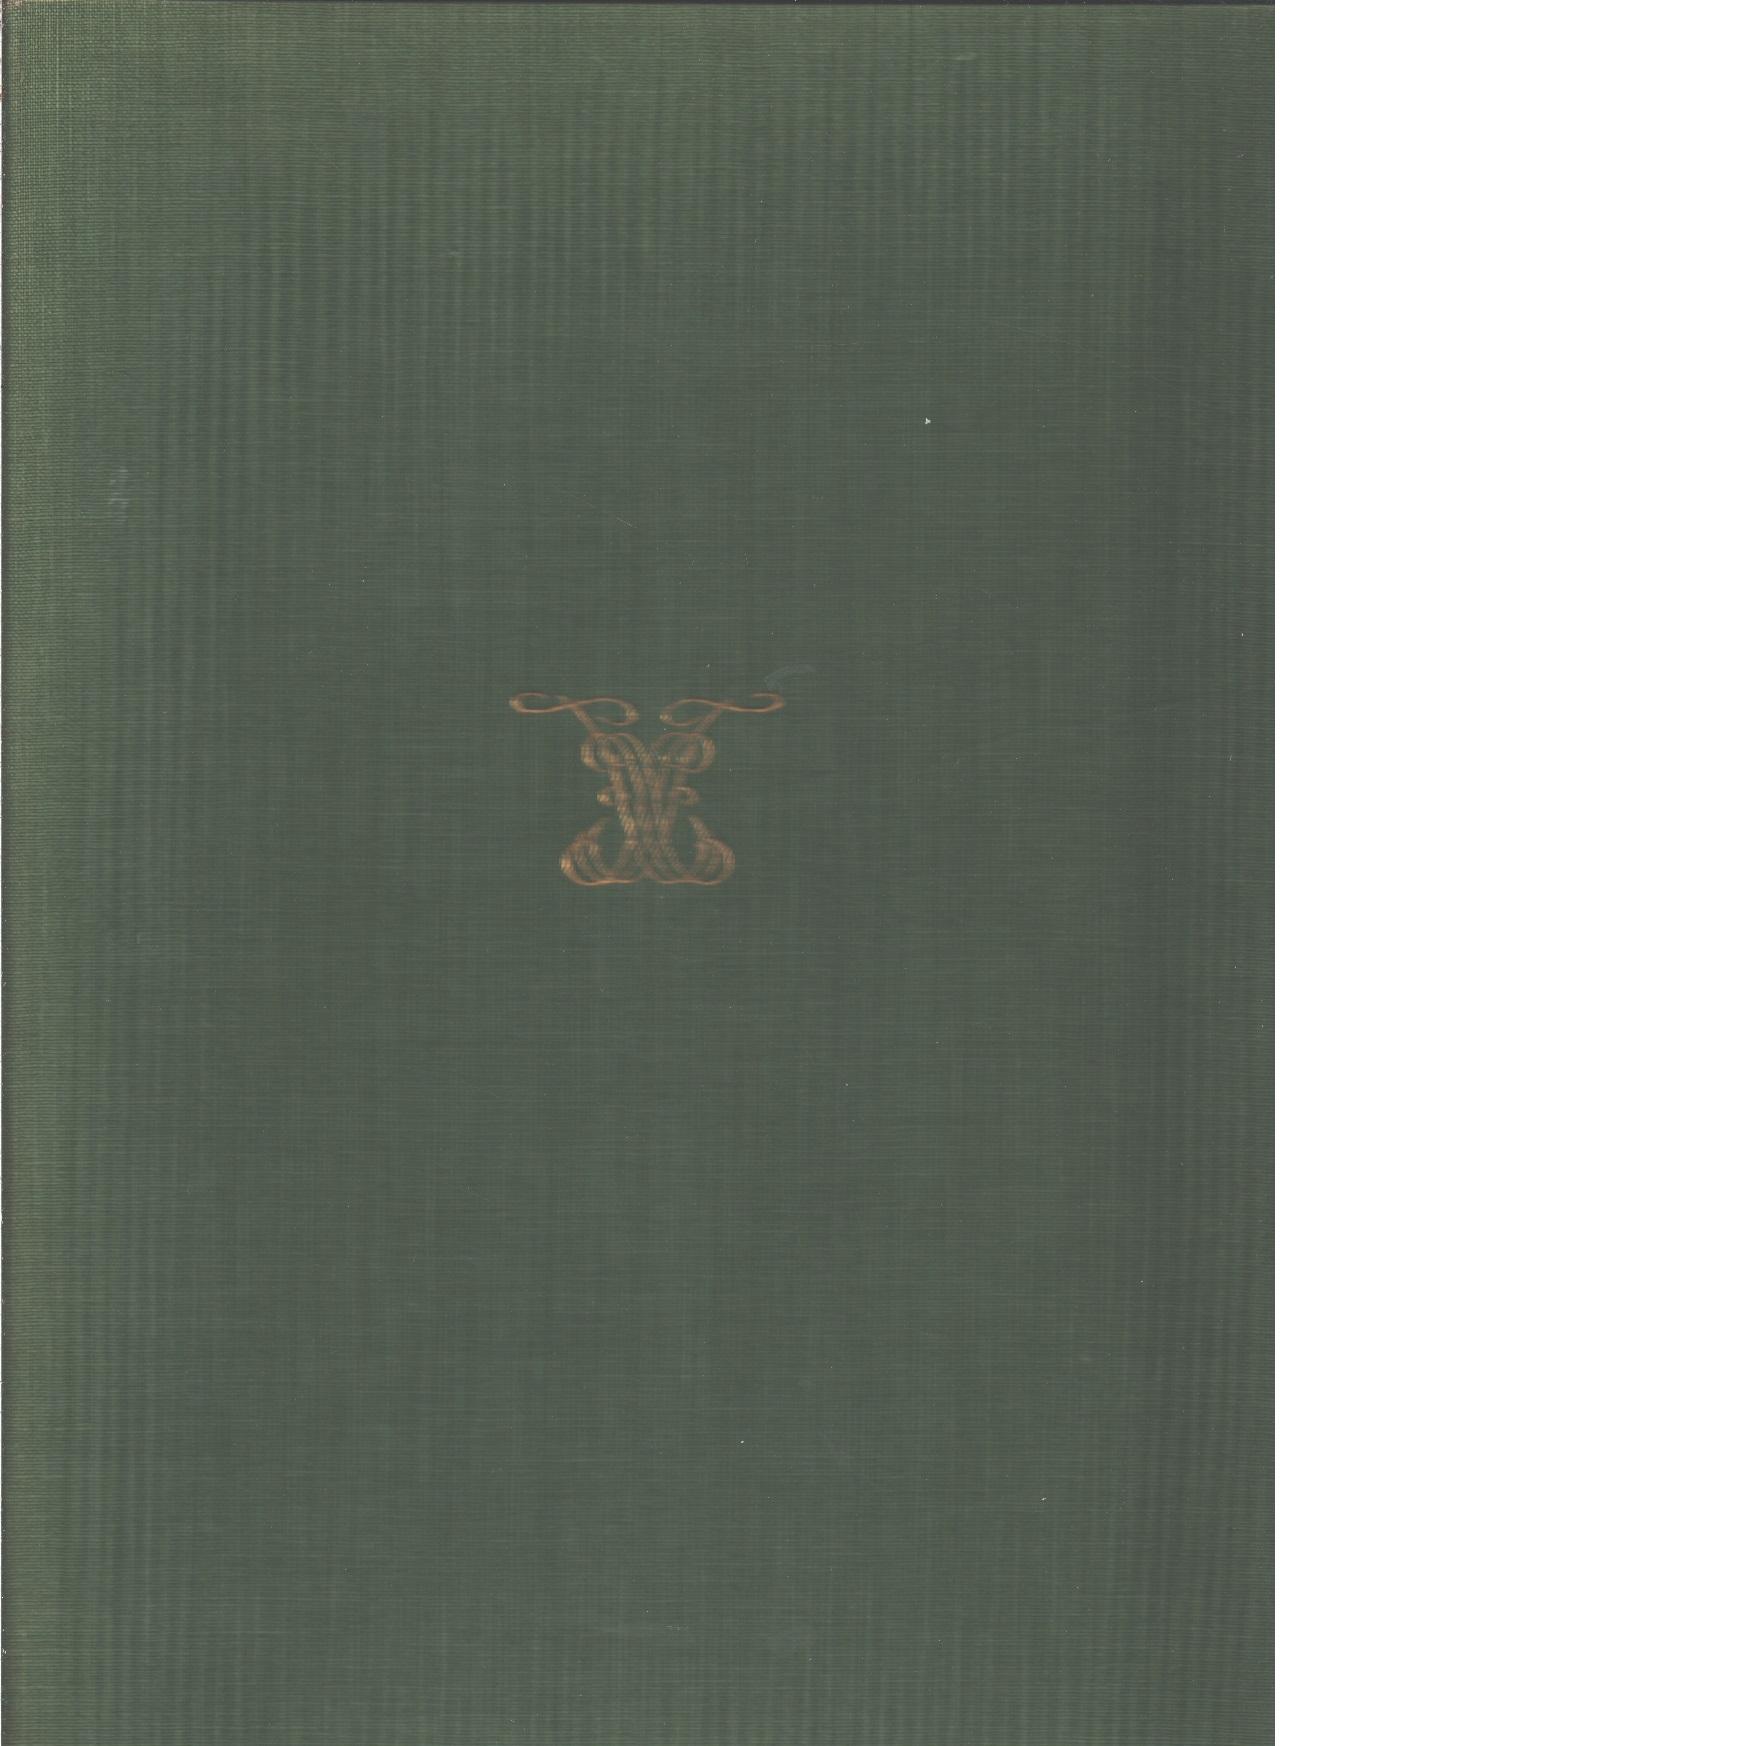 Form : Svenska slöjdföreningens tidskrift 1-6  1929 - Red.